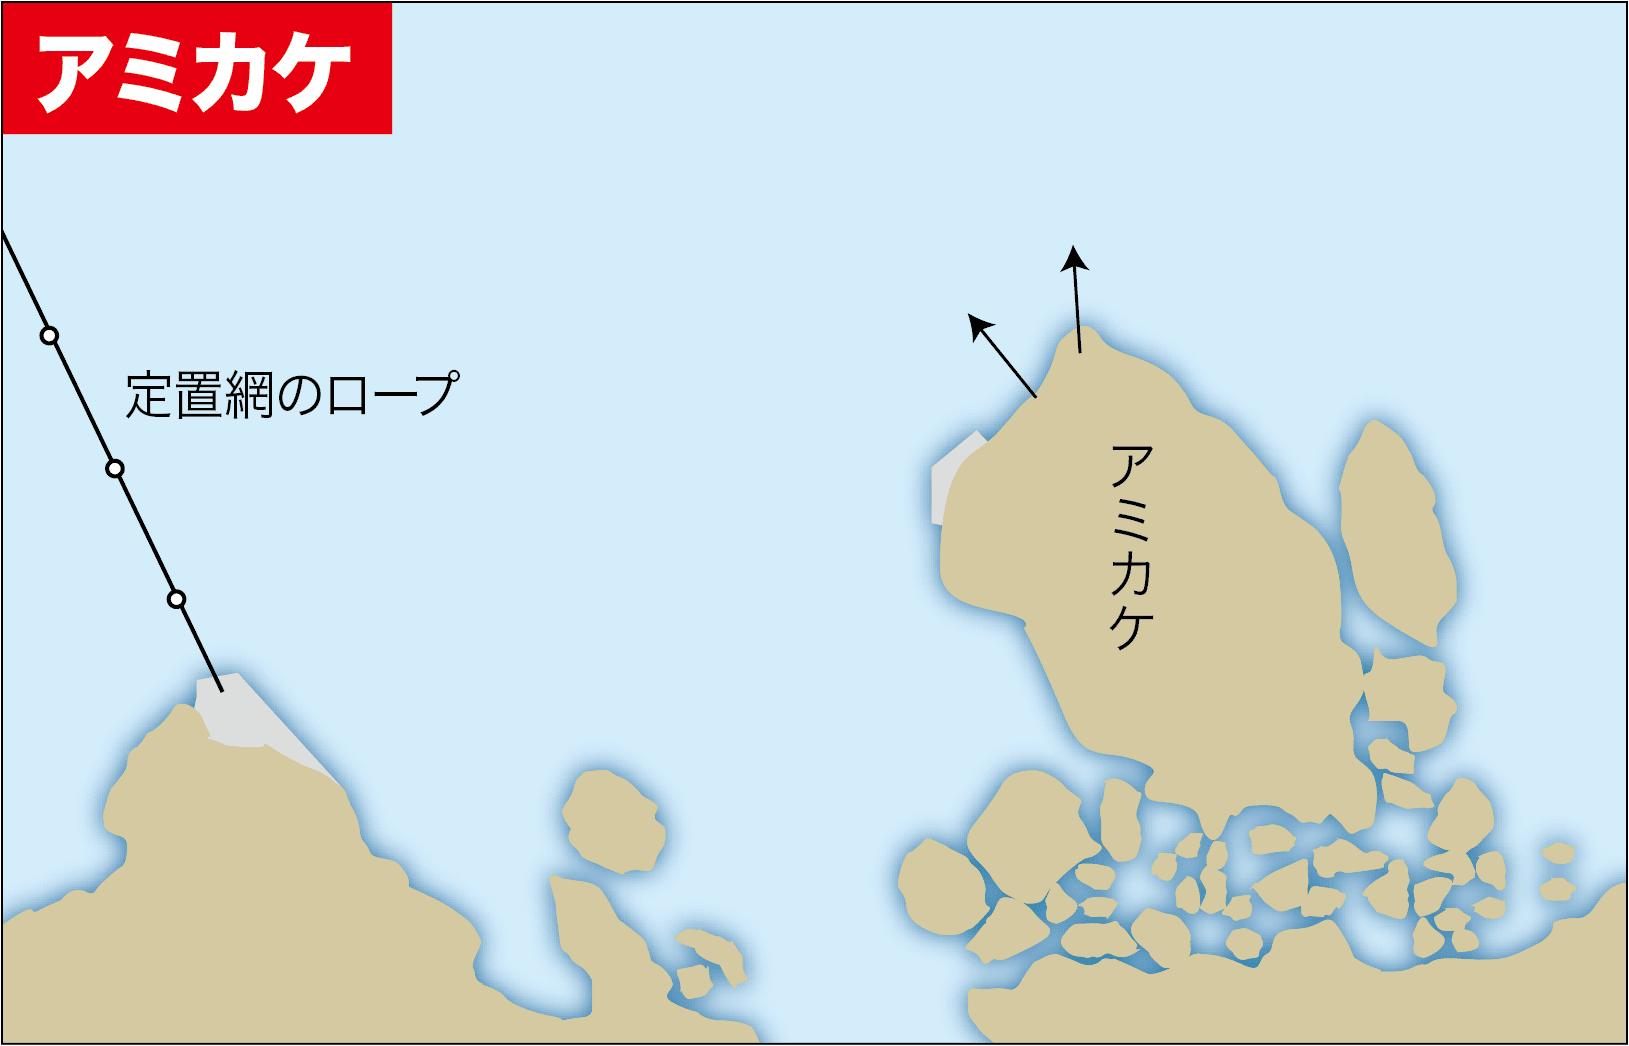 キャスターズ串本カワハギ15-18